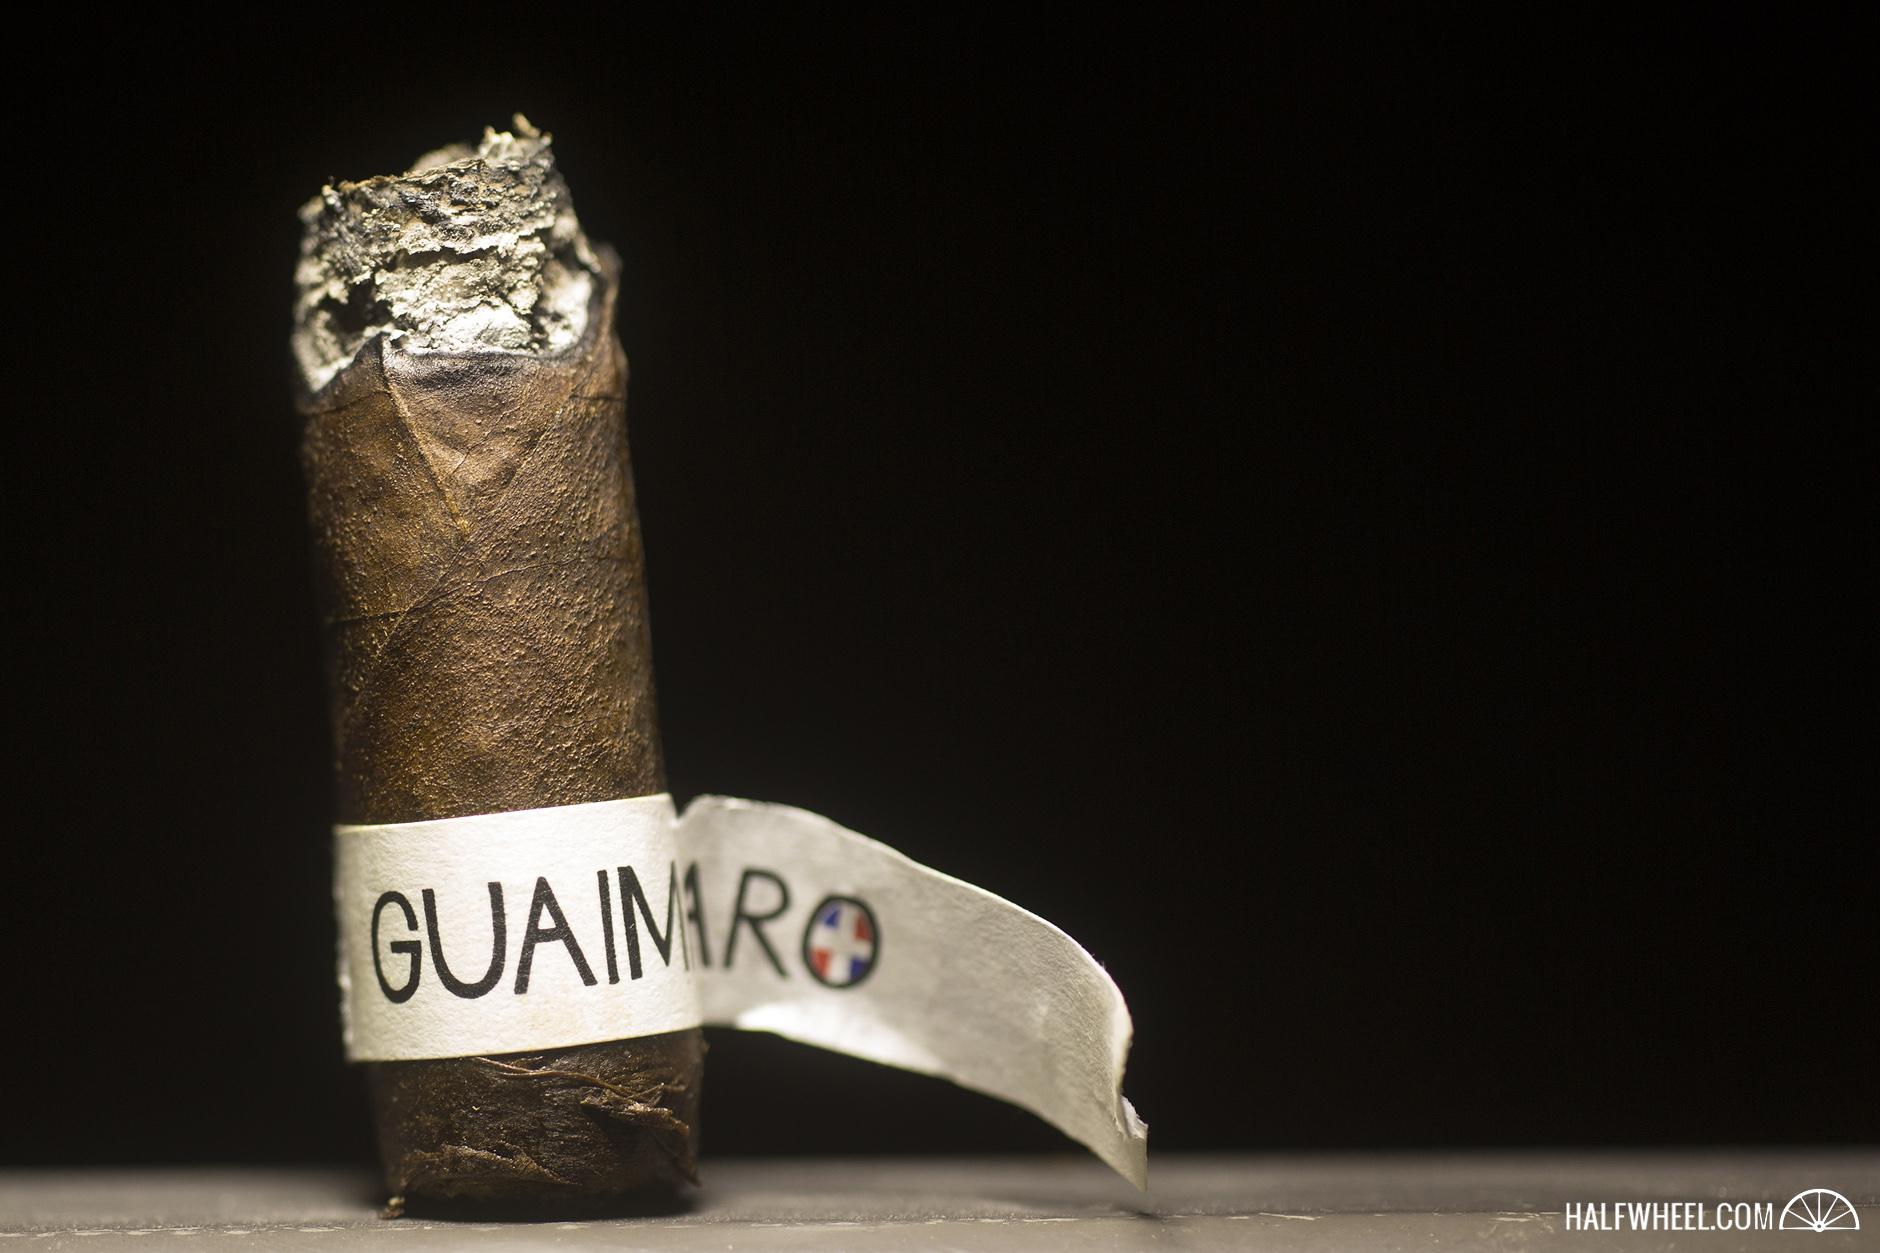 guaimaro-corona-4